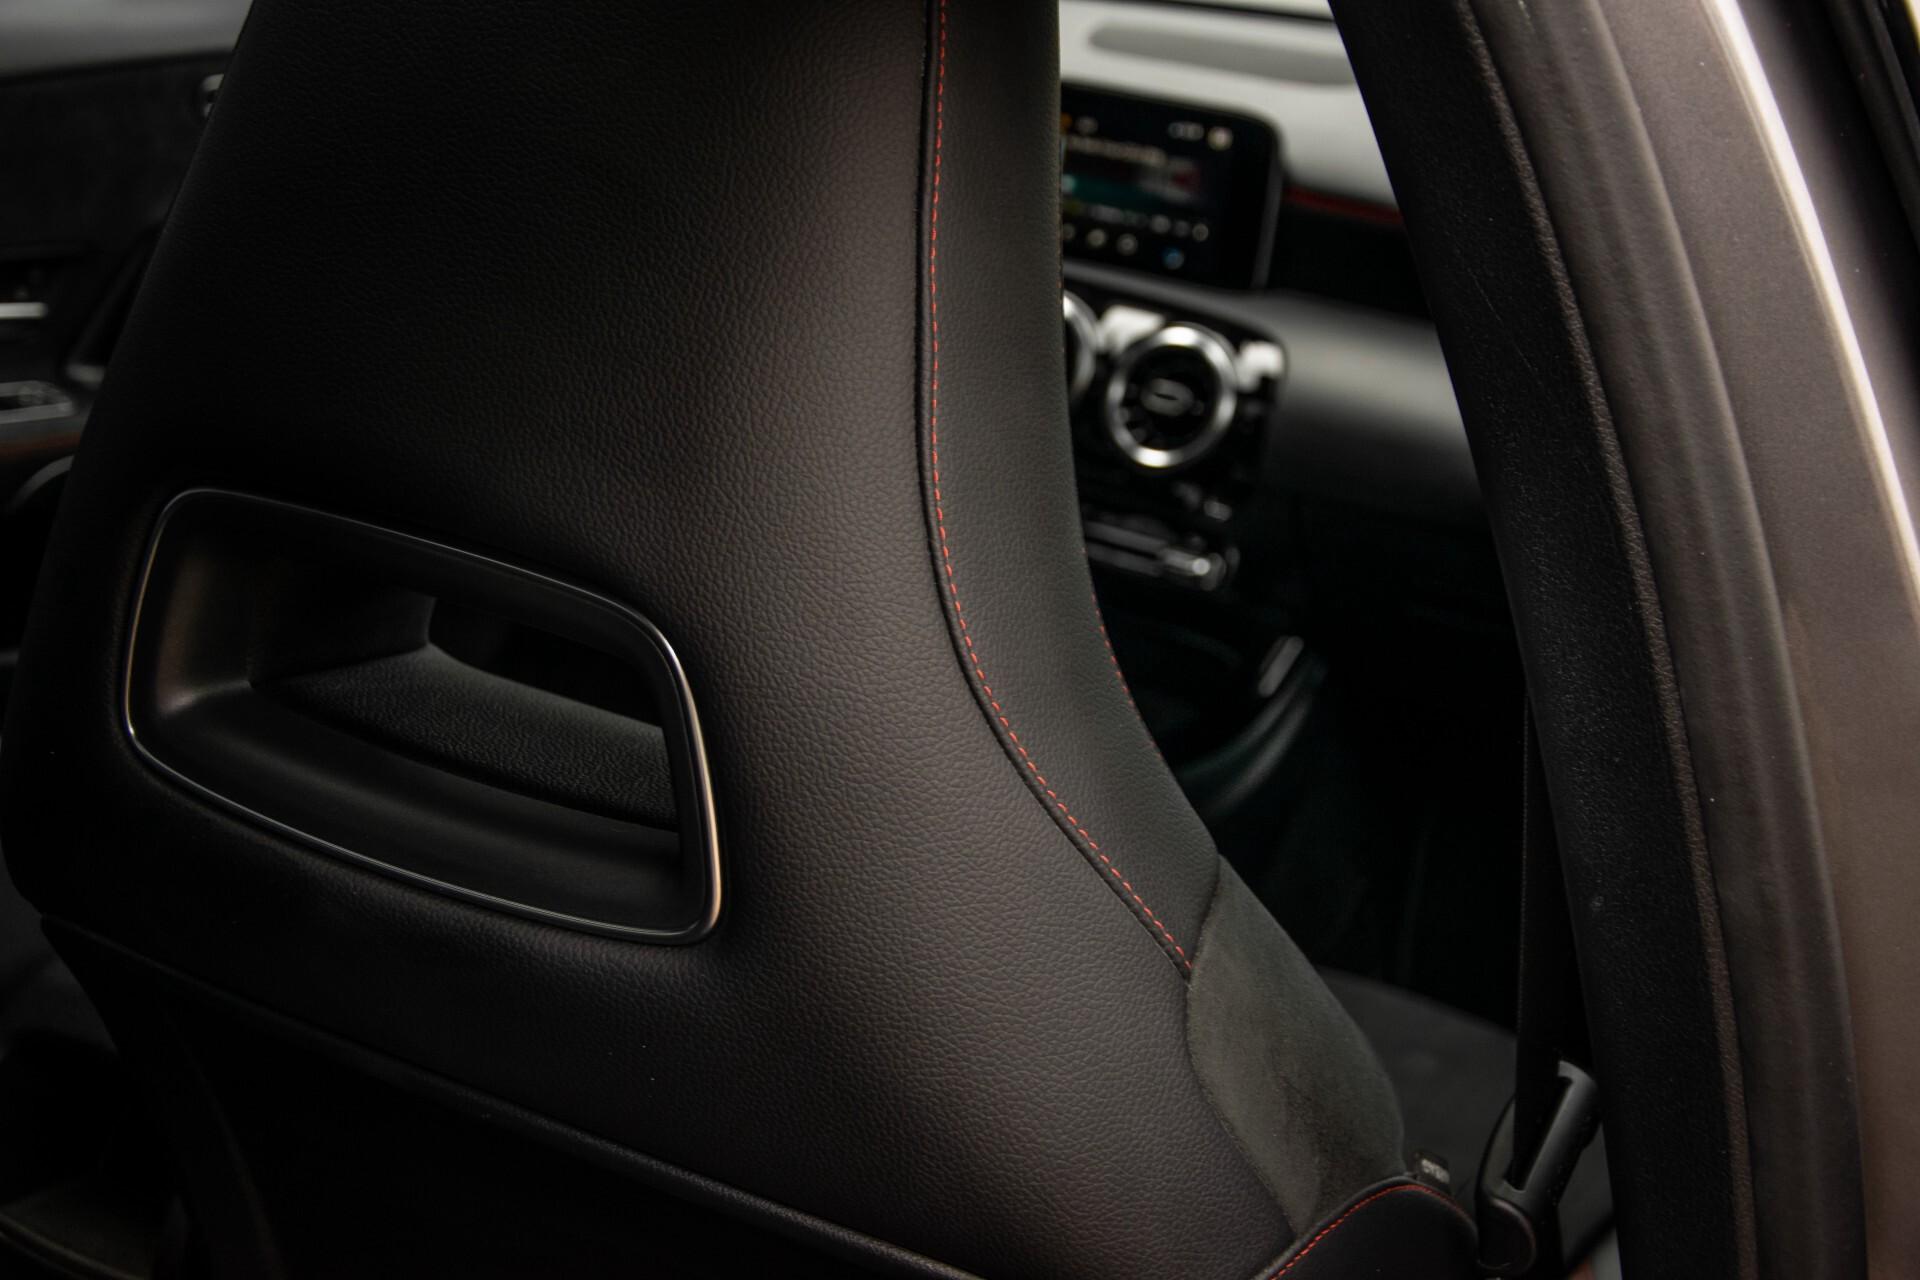 Mercedes-Benz A-Klasse 180 d AMG Panorama/MBUX/DAB/LED Aut7 Foto 43